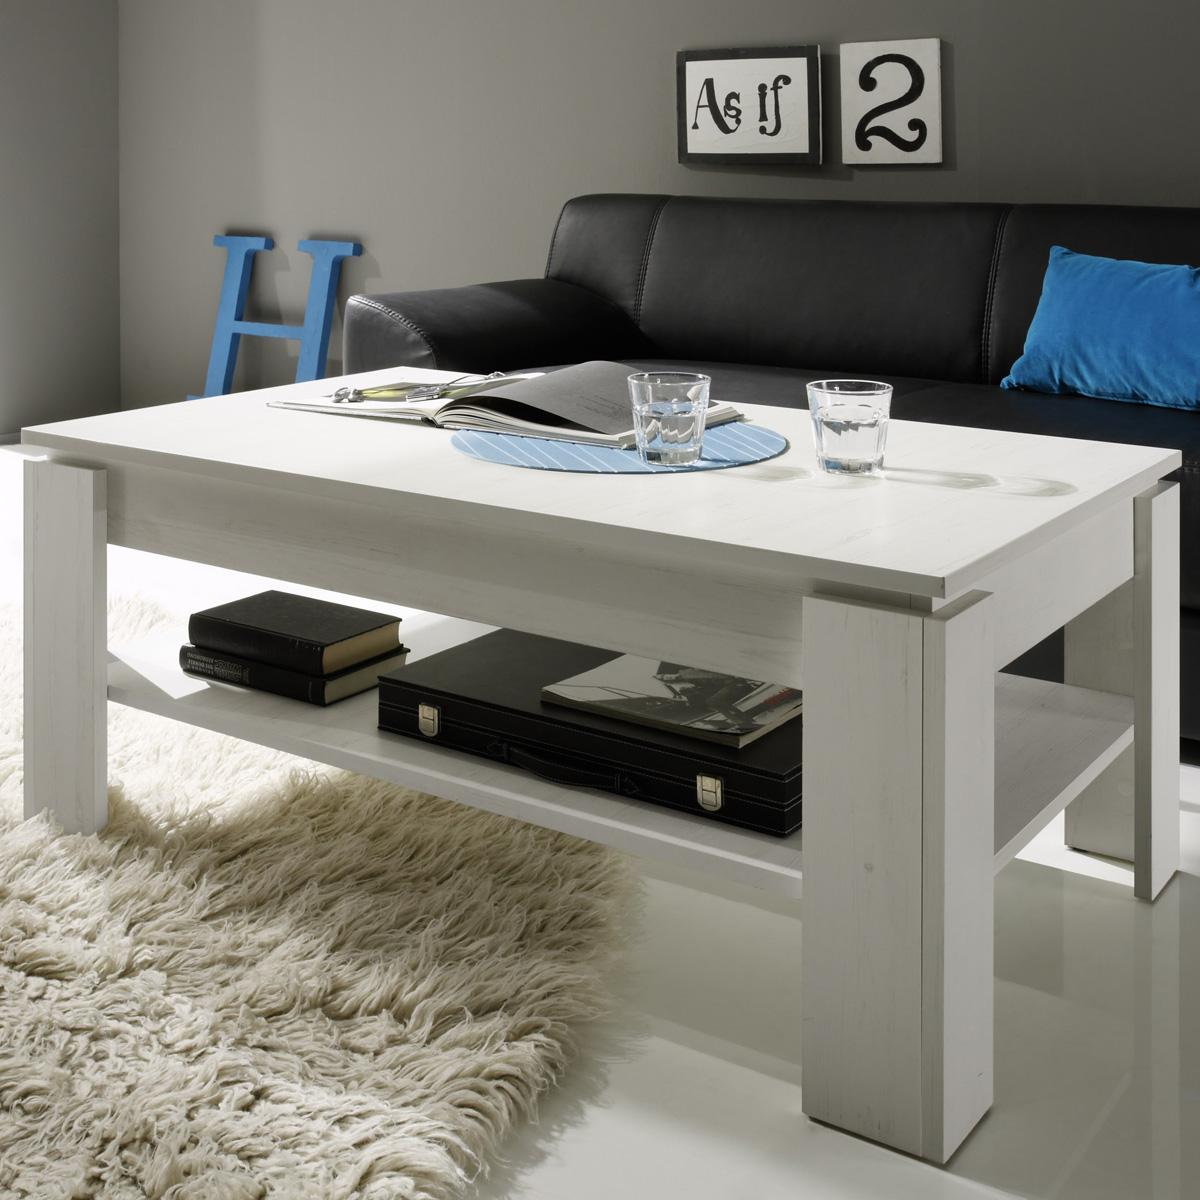 couchtisch universal beistelltisch in pinie struktur wei tisch wohnzimmertisch eur 88 95. Black Bedroom Furniture Sets. Home Design Ideas